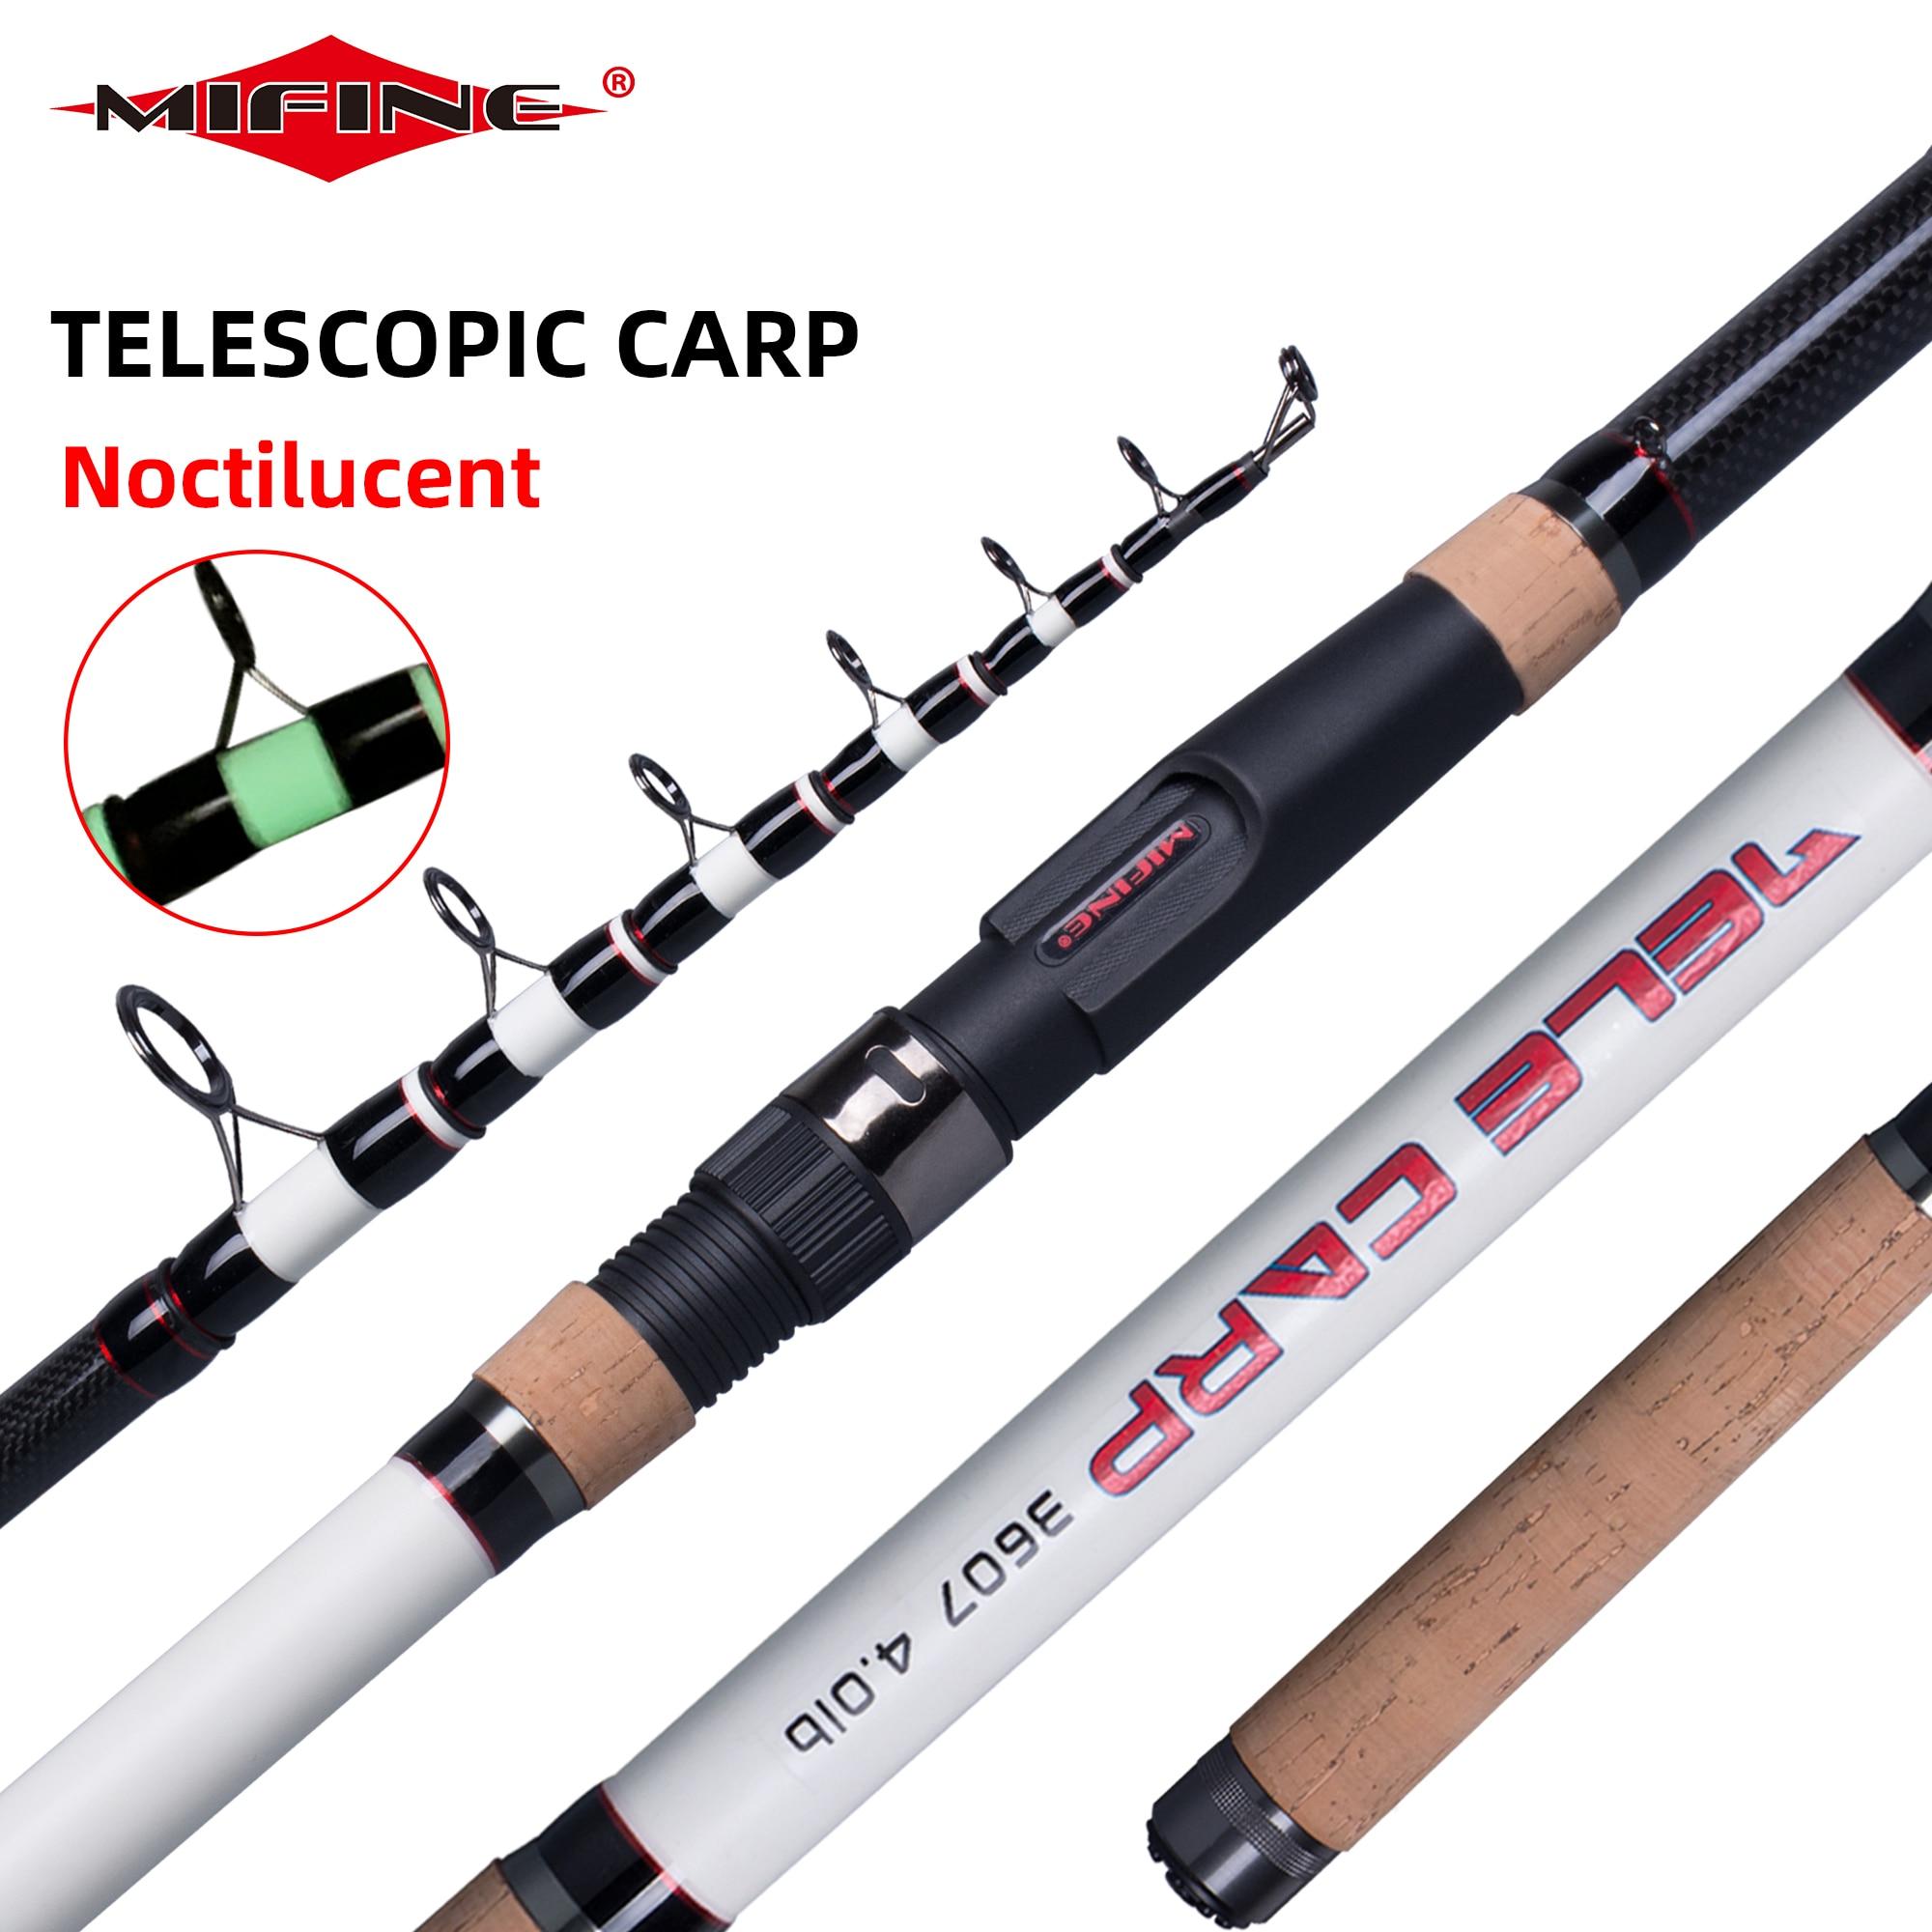 MIFINE caña de pescar telescópica para carpa, 4,0 lb 3,9/3,6/3,3/3,0/2,7 m, caña giratoria para Surf de fibra de carbono, potencia 60 200g, Polo duro noctilucente|Cañas de pescar|   - AliExpress